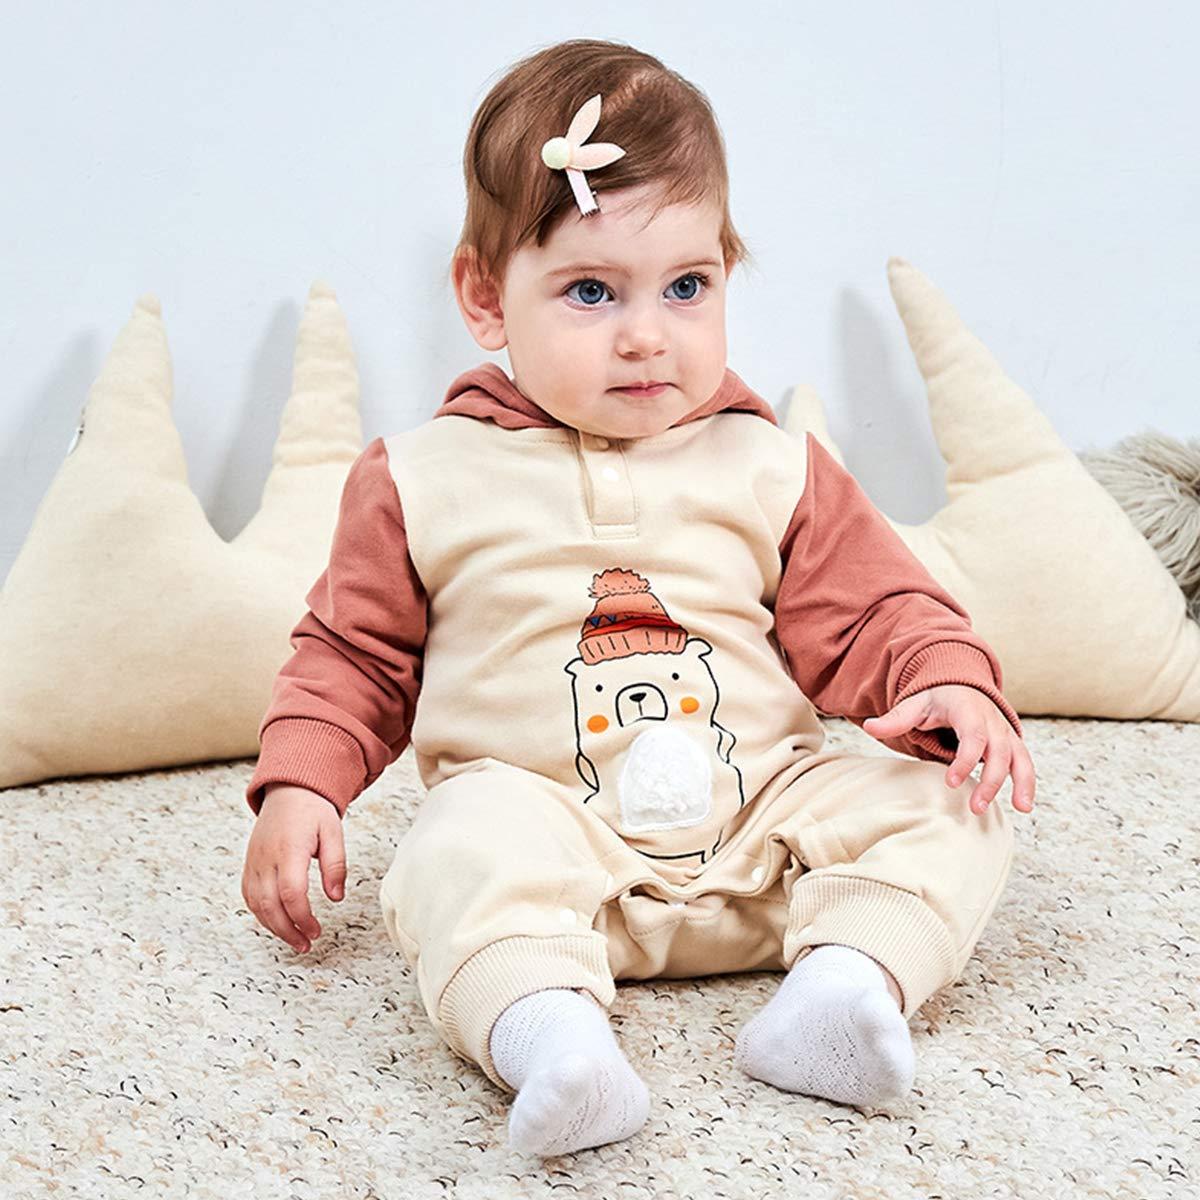 famuka Unisex Baby Hooded Romper Cartoon Bears Long Sleeve Onesie Jumpsuit